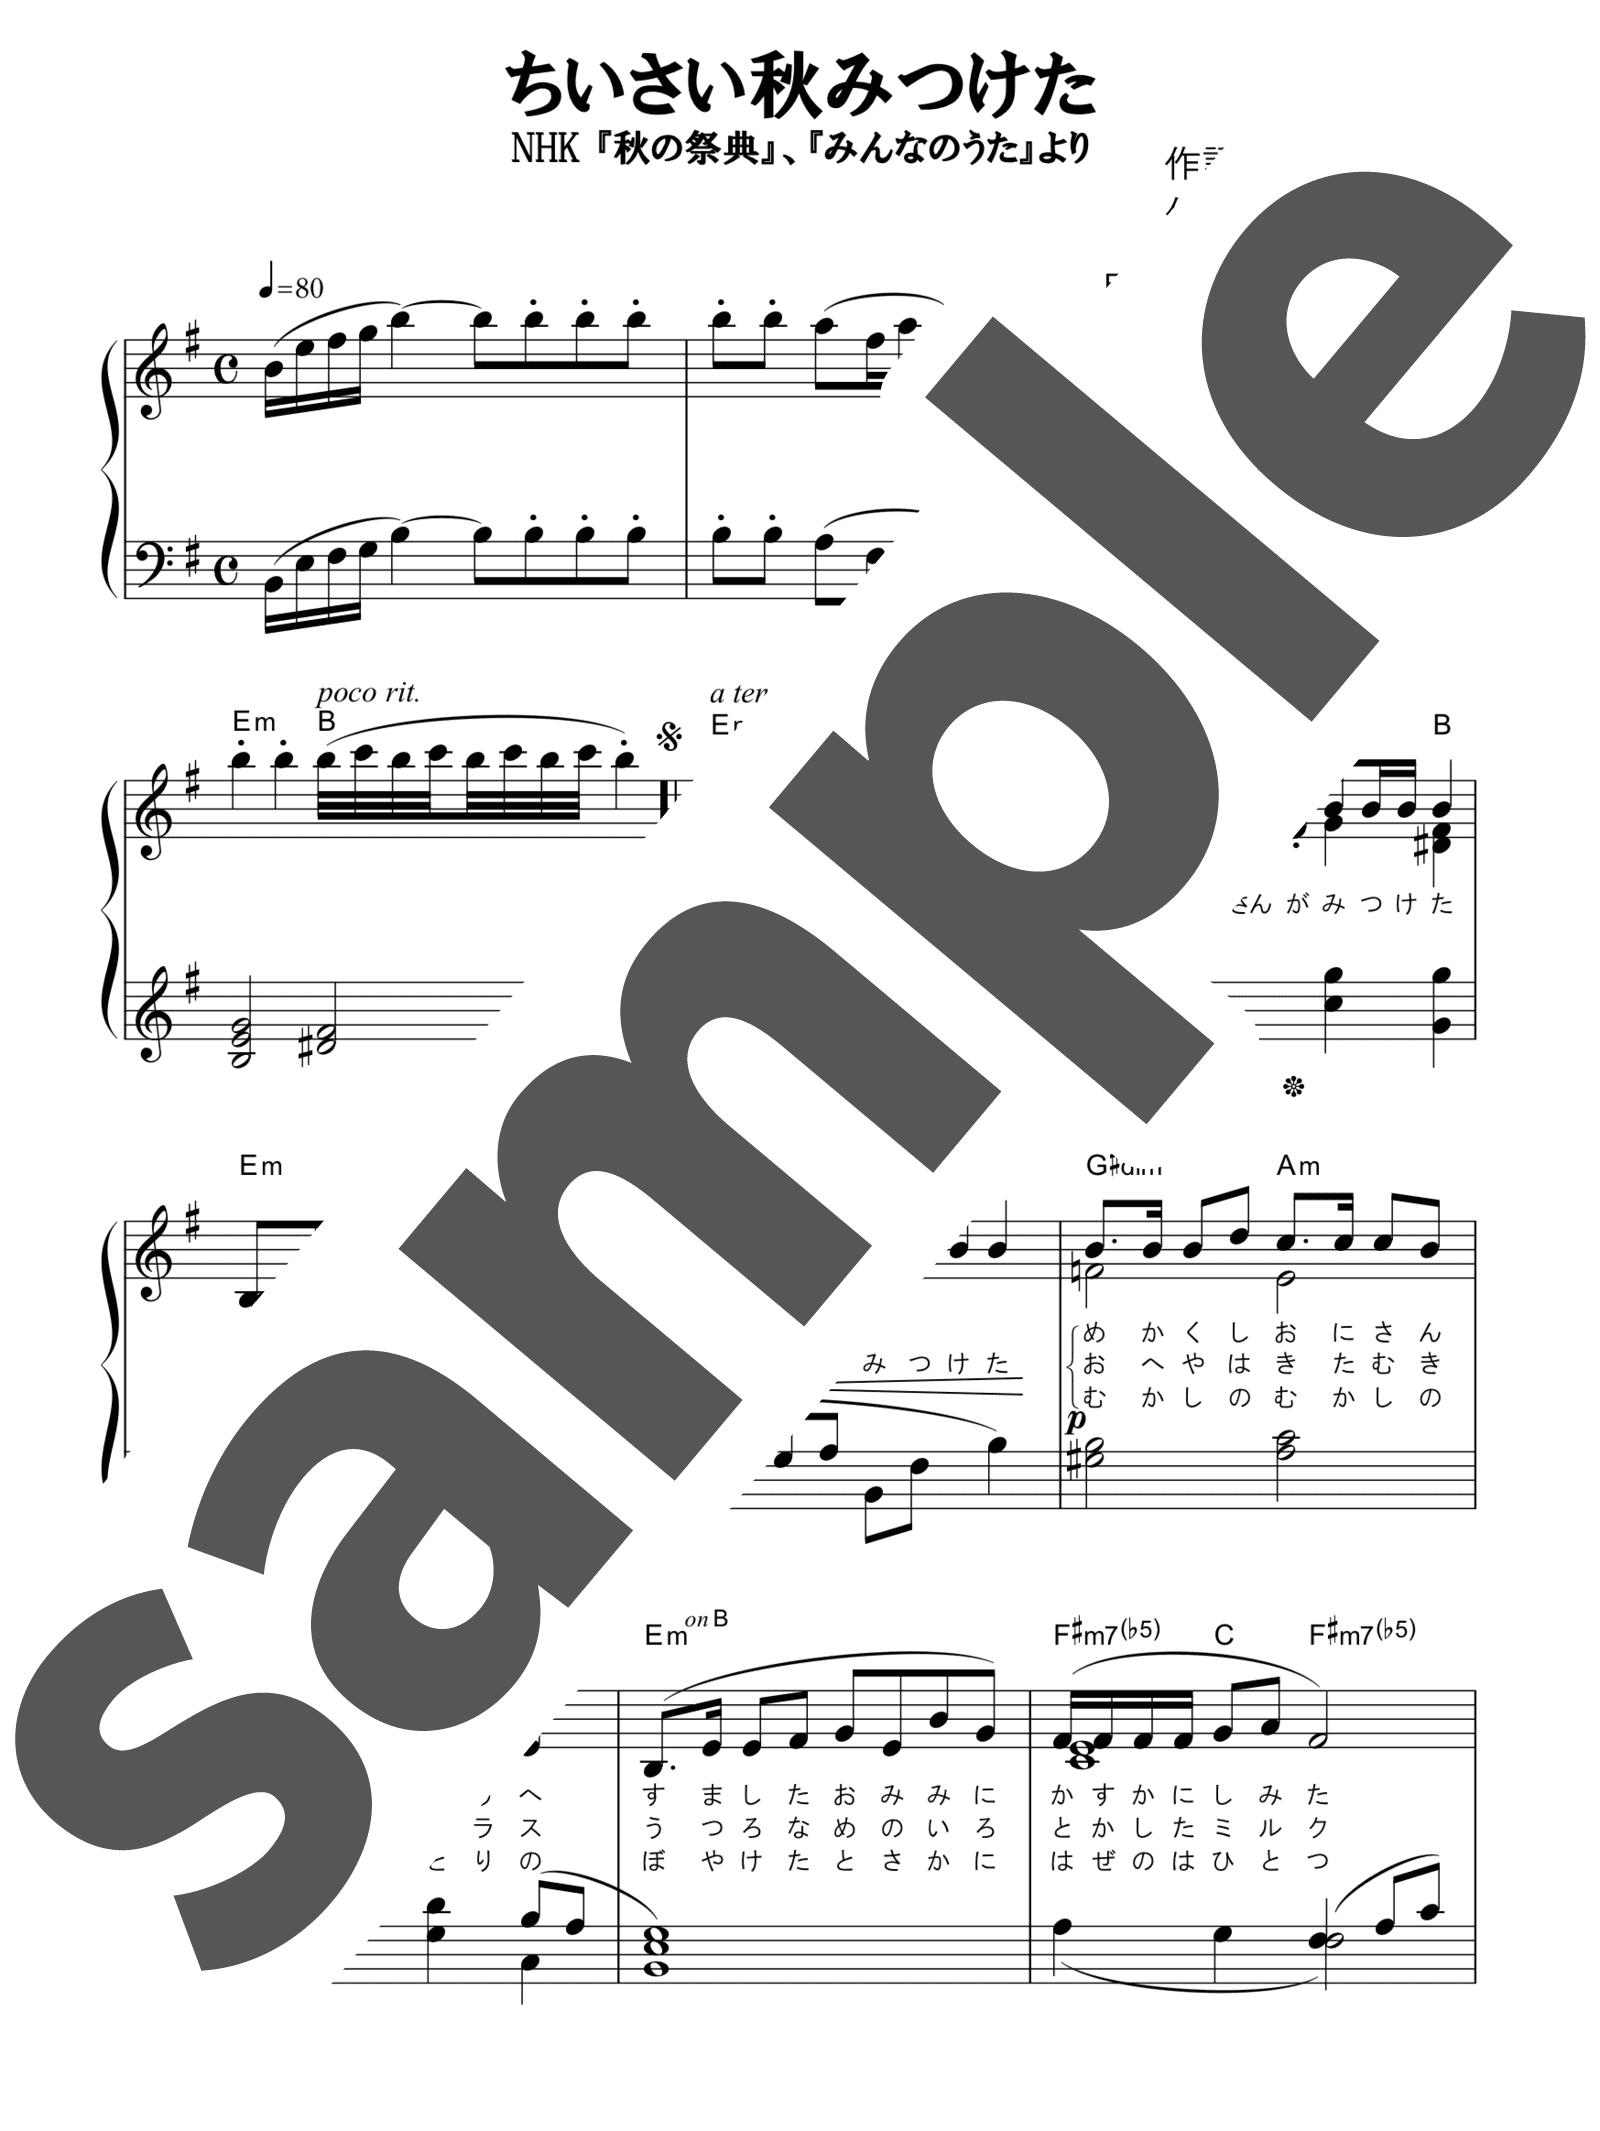 「ちいさい秋みつけた」のサンプル楽譜